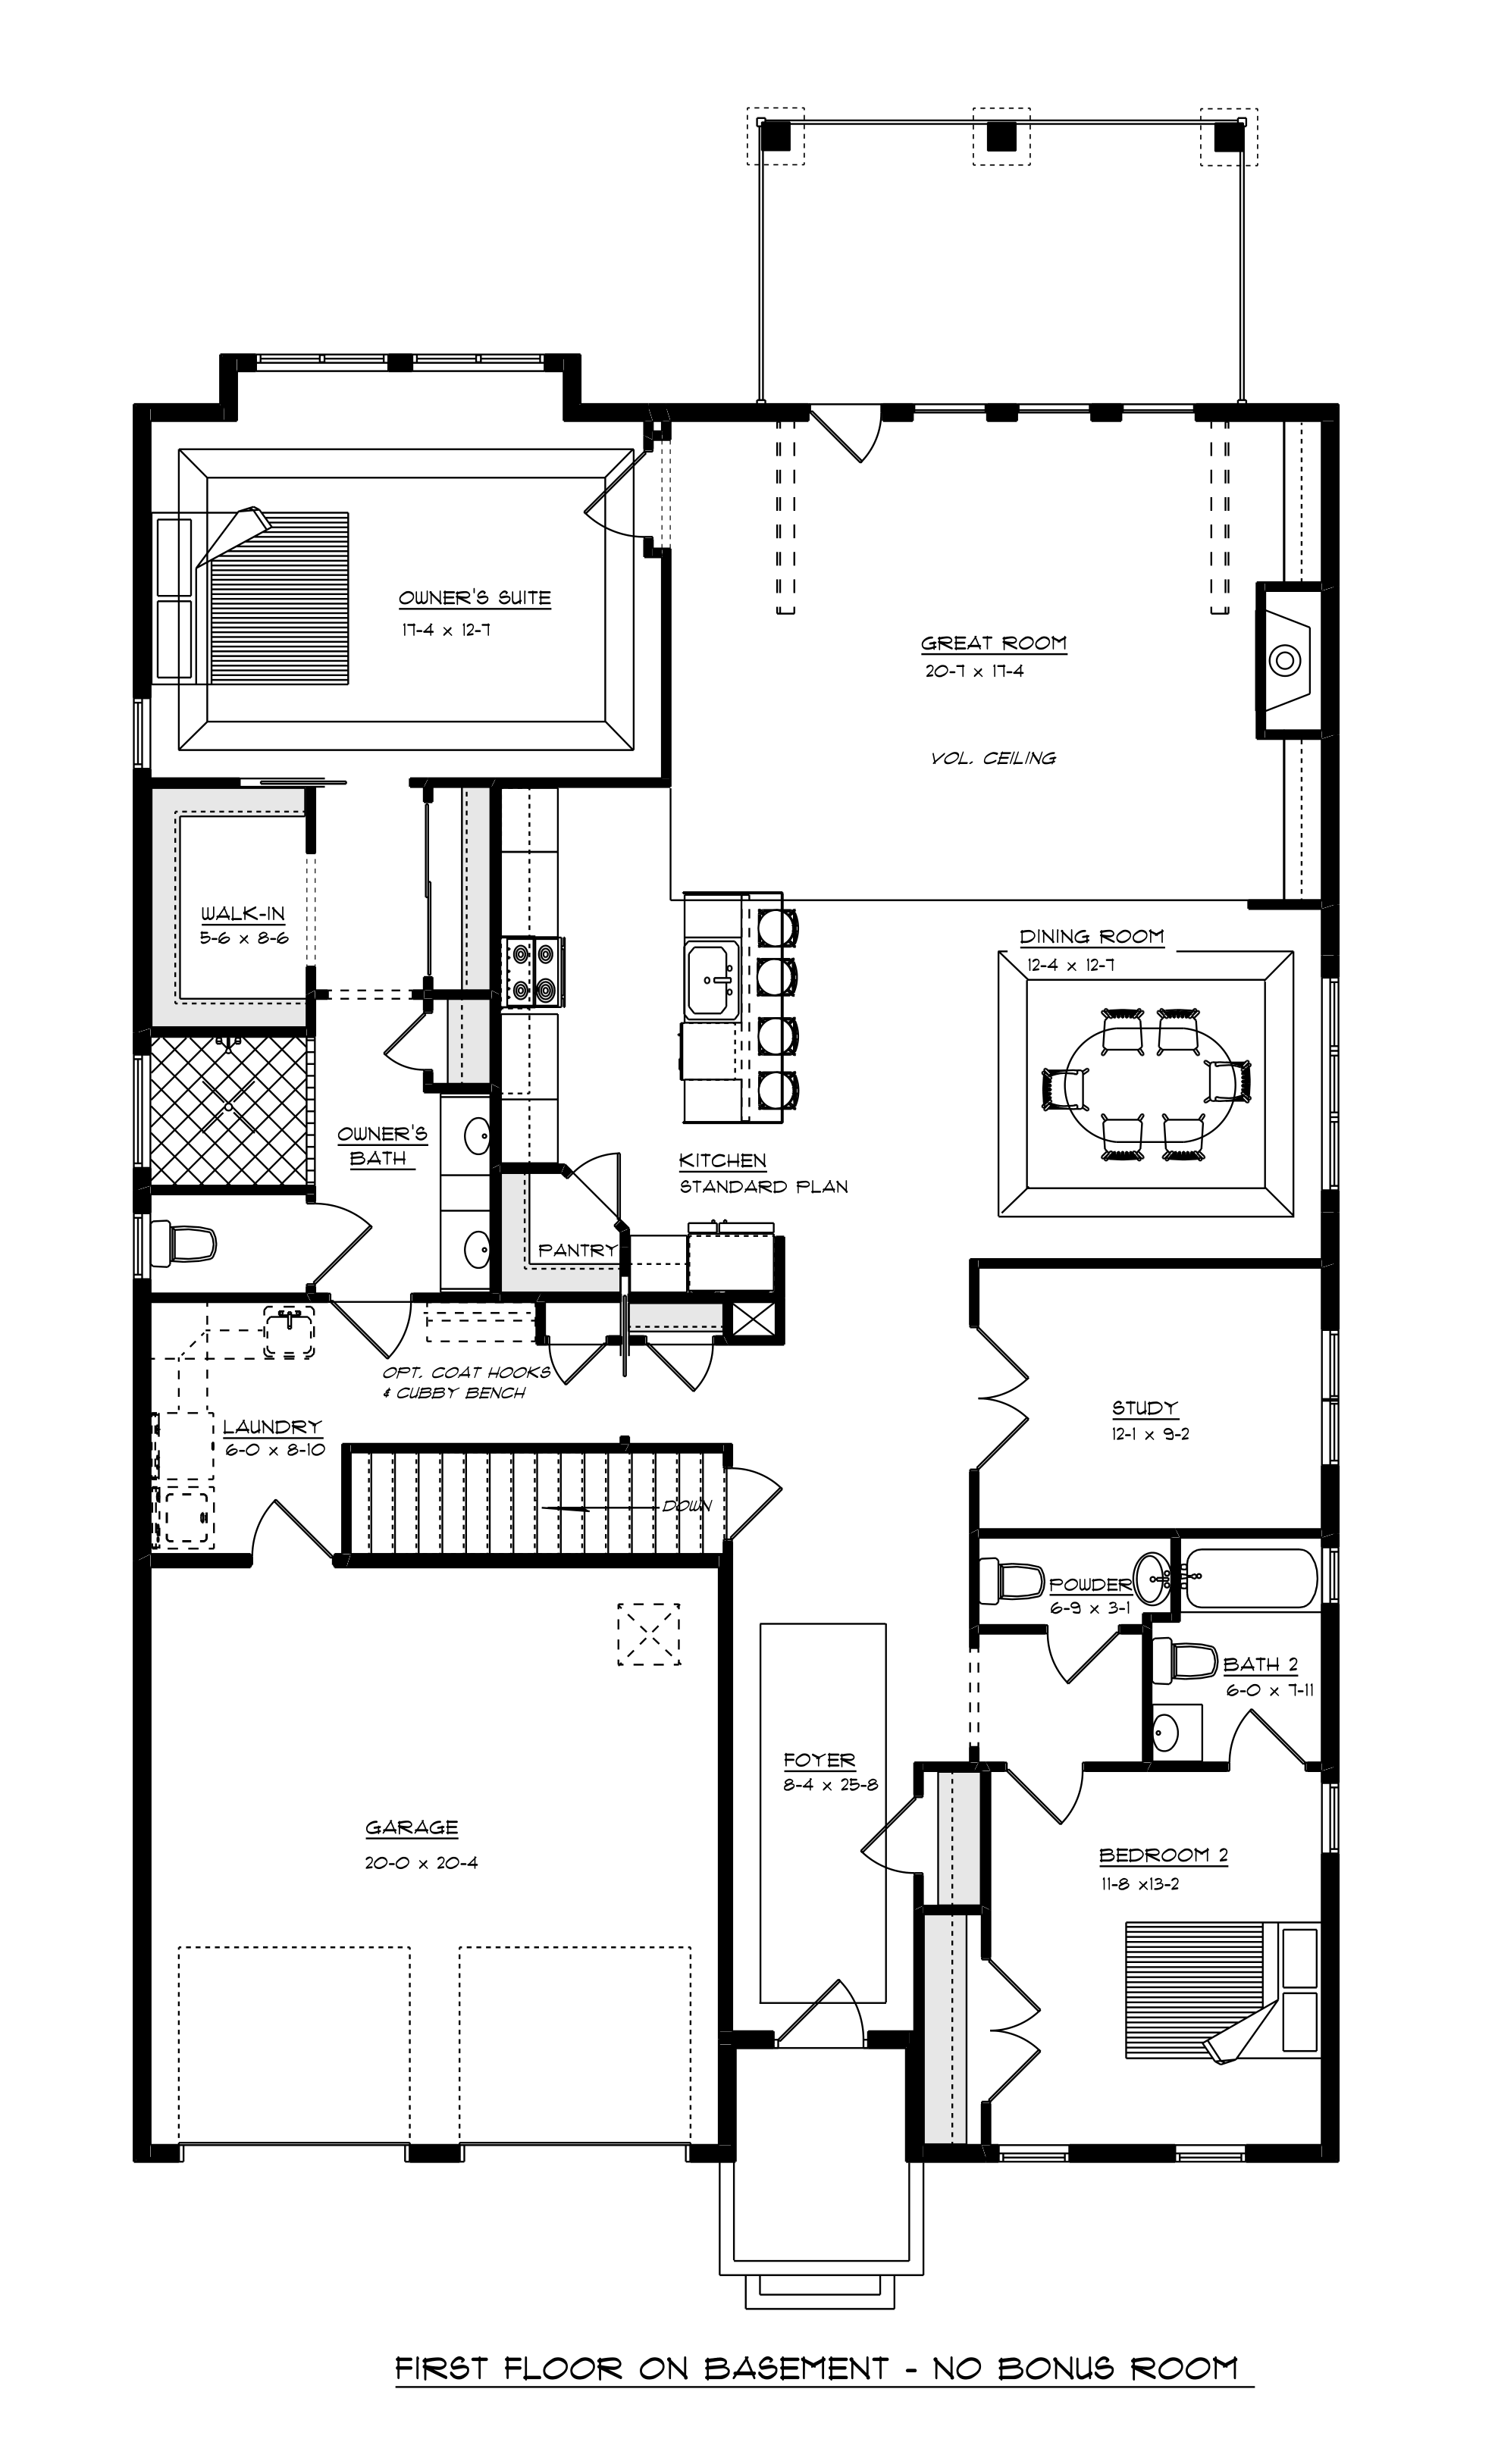 Floor plan of first floor when built on basement